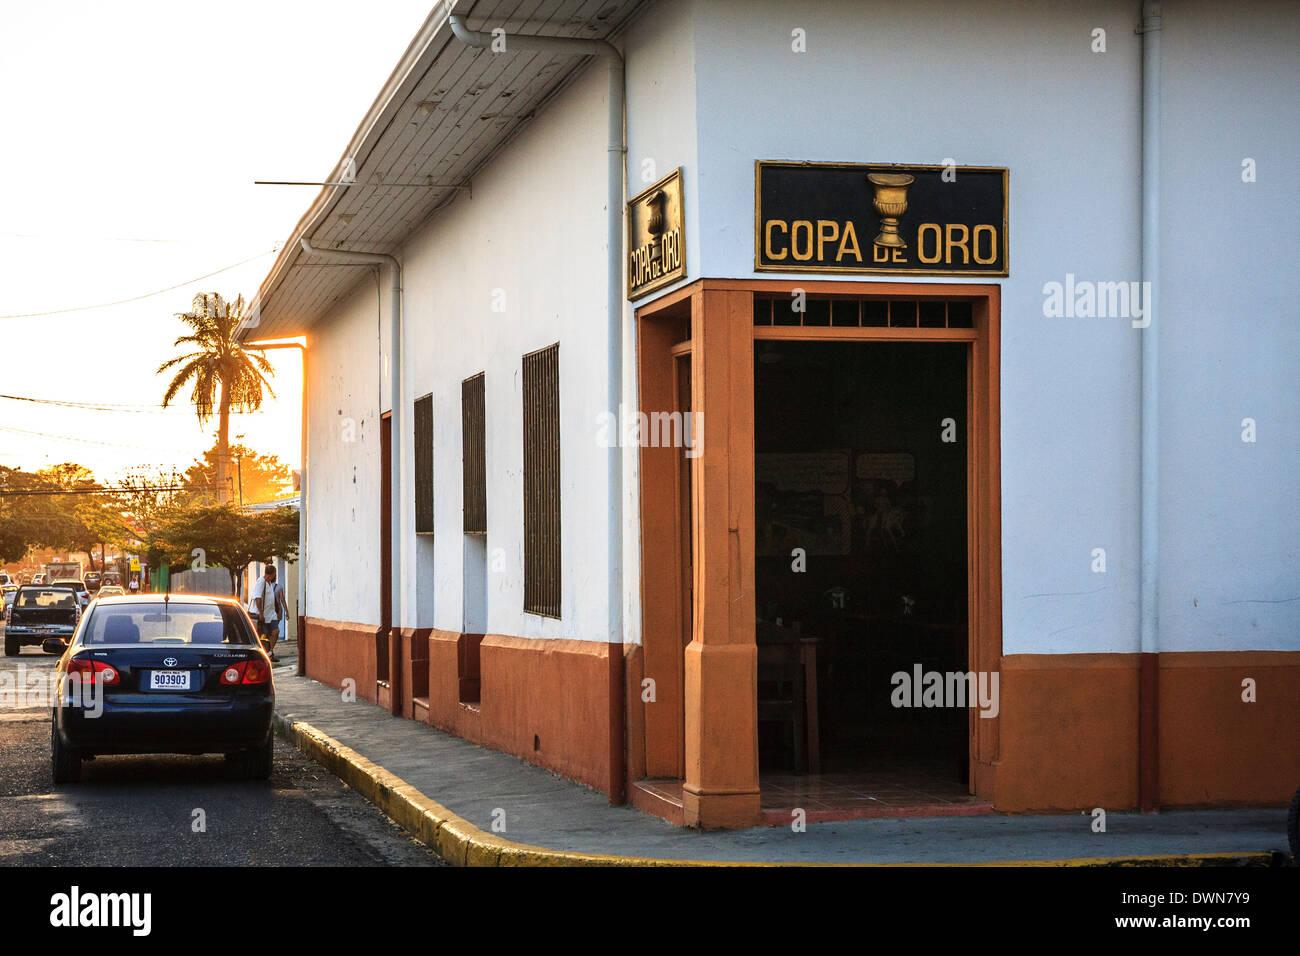 restaurant copa de oro in liberia city, costa rica stock photo